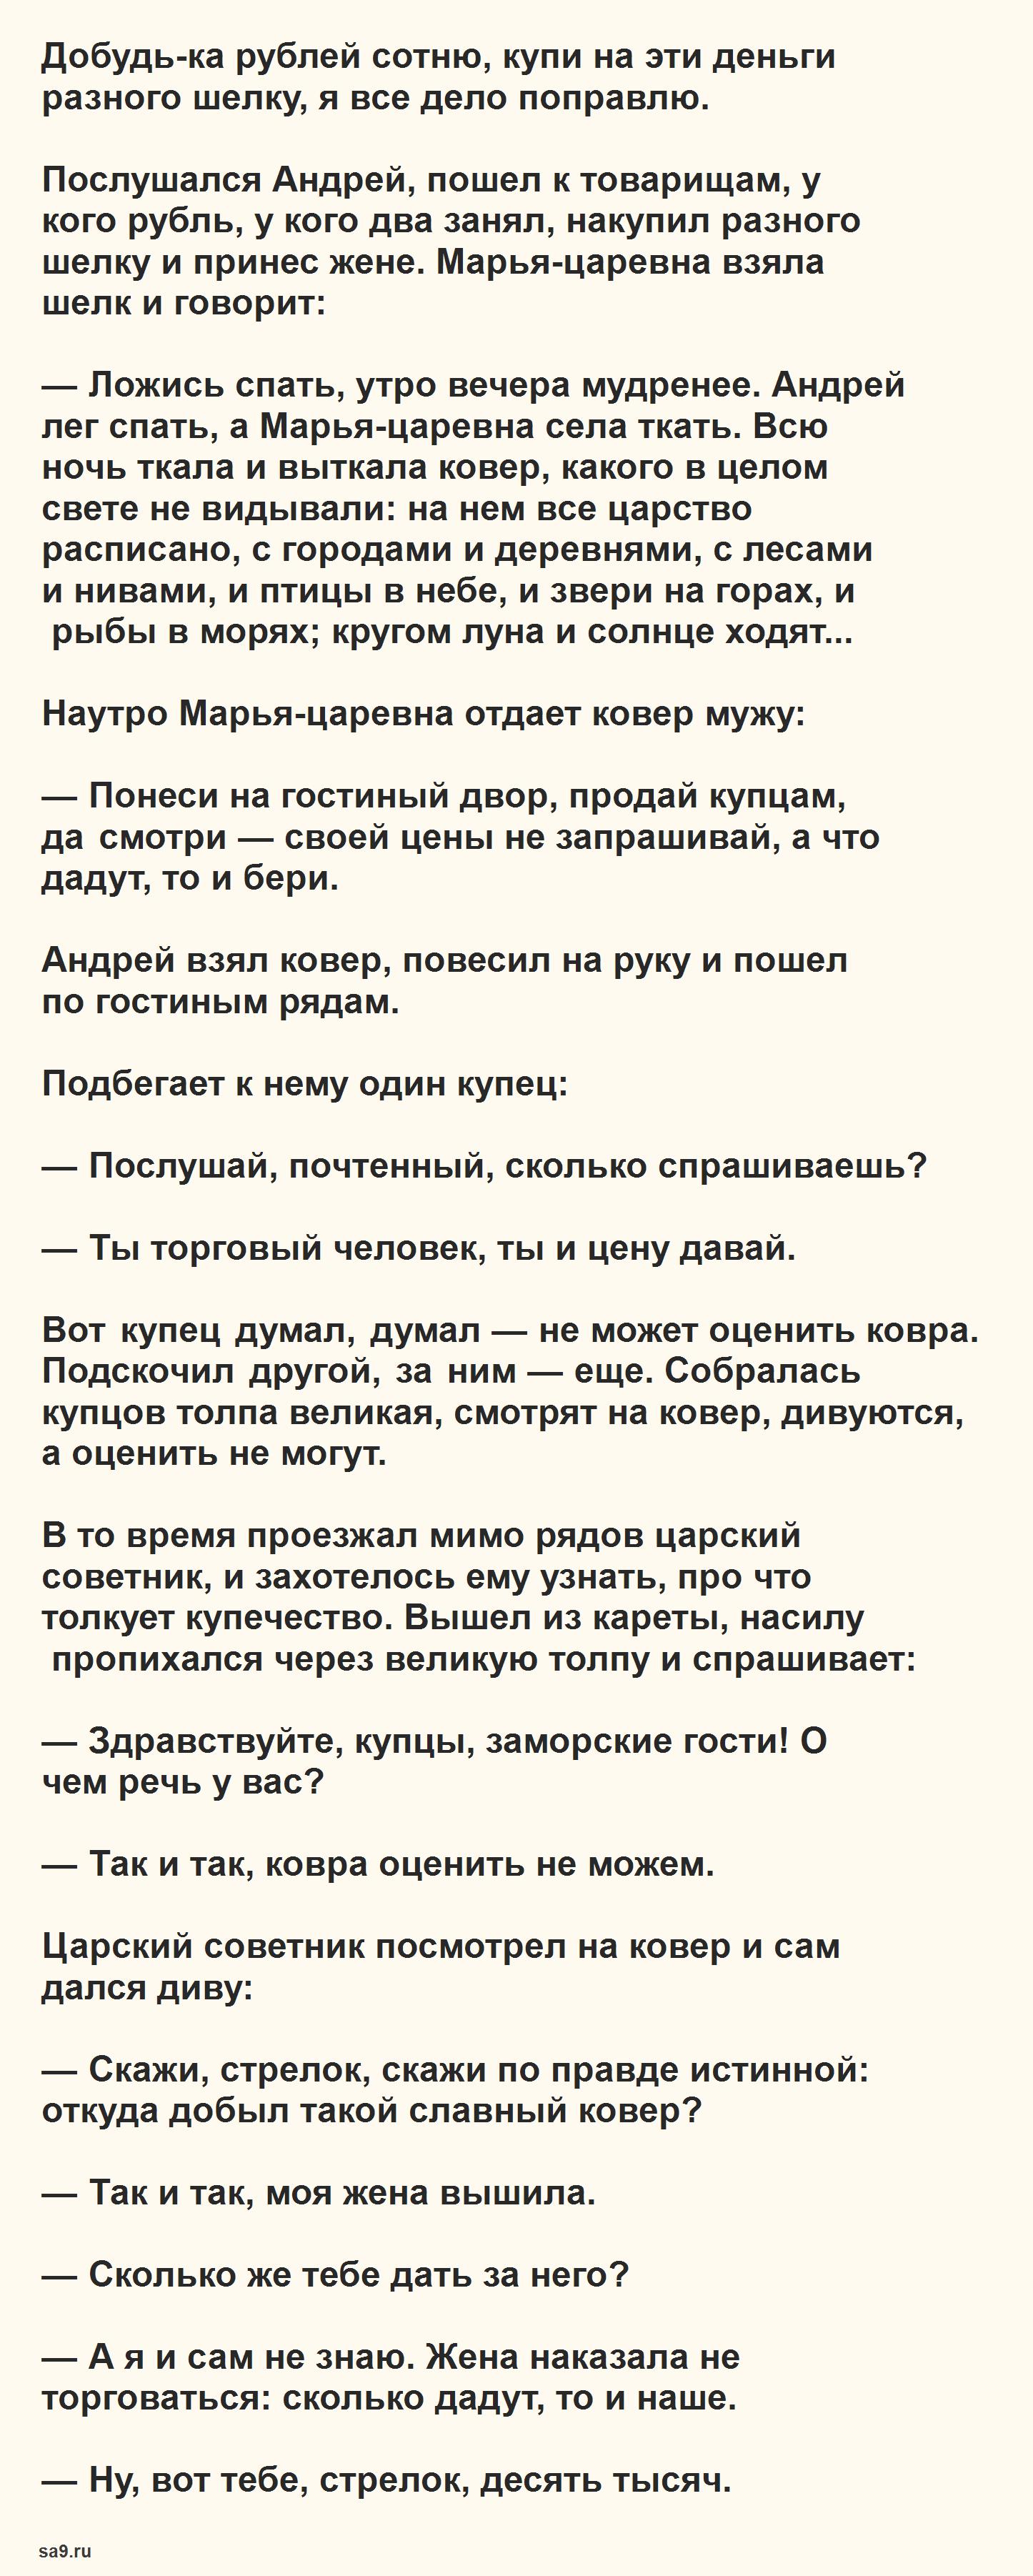 Русская народная сказка для детей – Поди туда не знаю куда, принеси то не знаю что